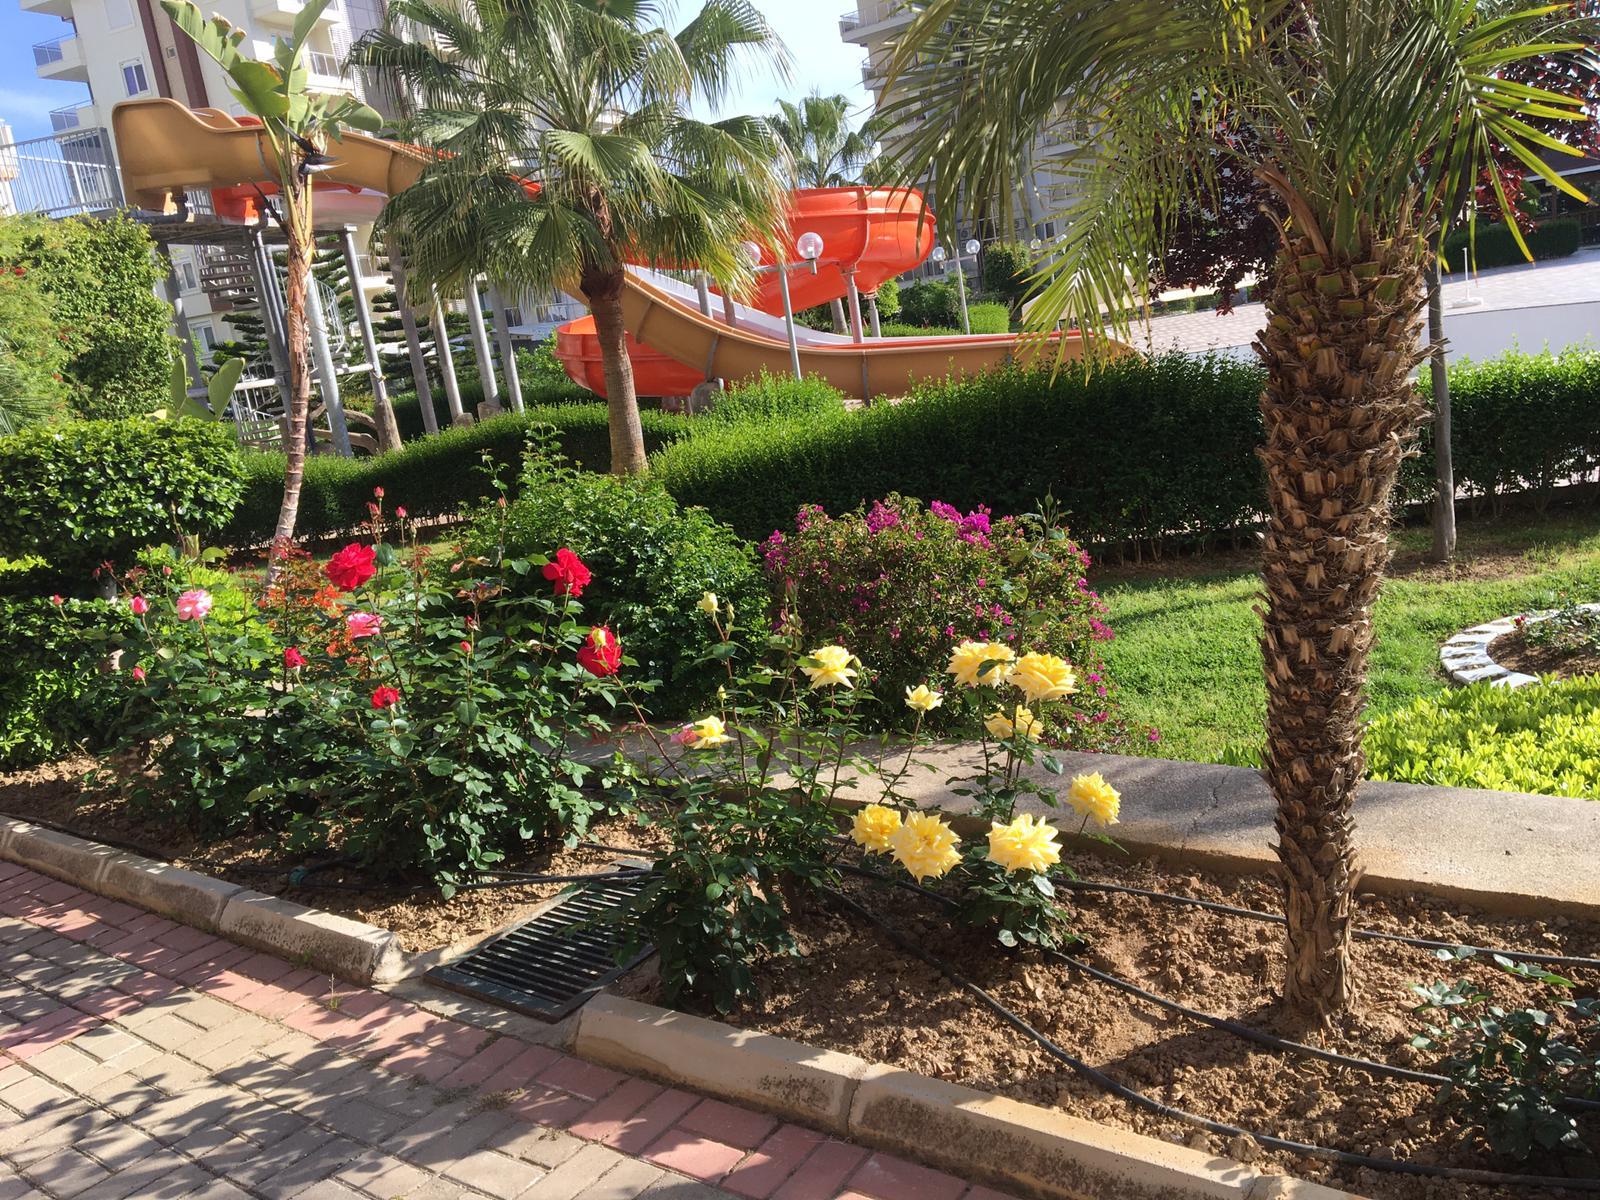 Bahçede peyzaj çalışmaları yapılmıştır, etraf yeni bitkilerle doldurulmuş, kompleksin girişinde çiçeklerden dekoratif bir kemeri yapılmıştır. Artık bahçemiz mis gibi kokuyor ve güzelliği ile herkesi c